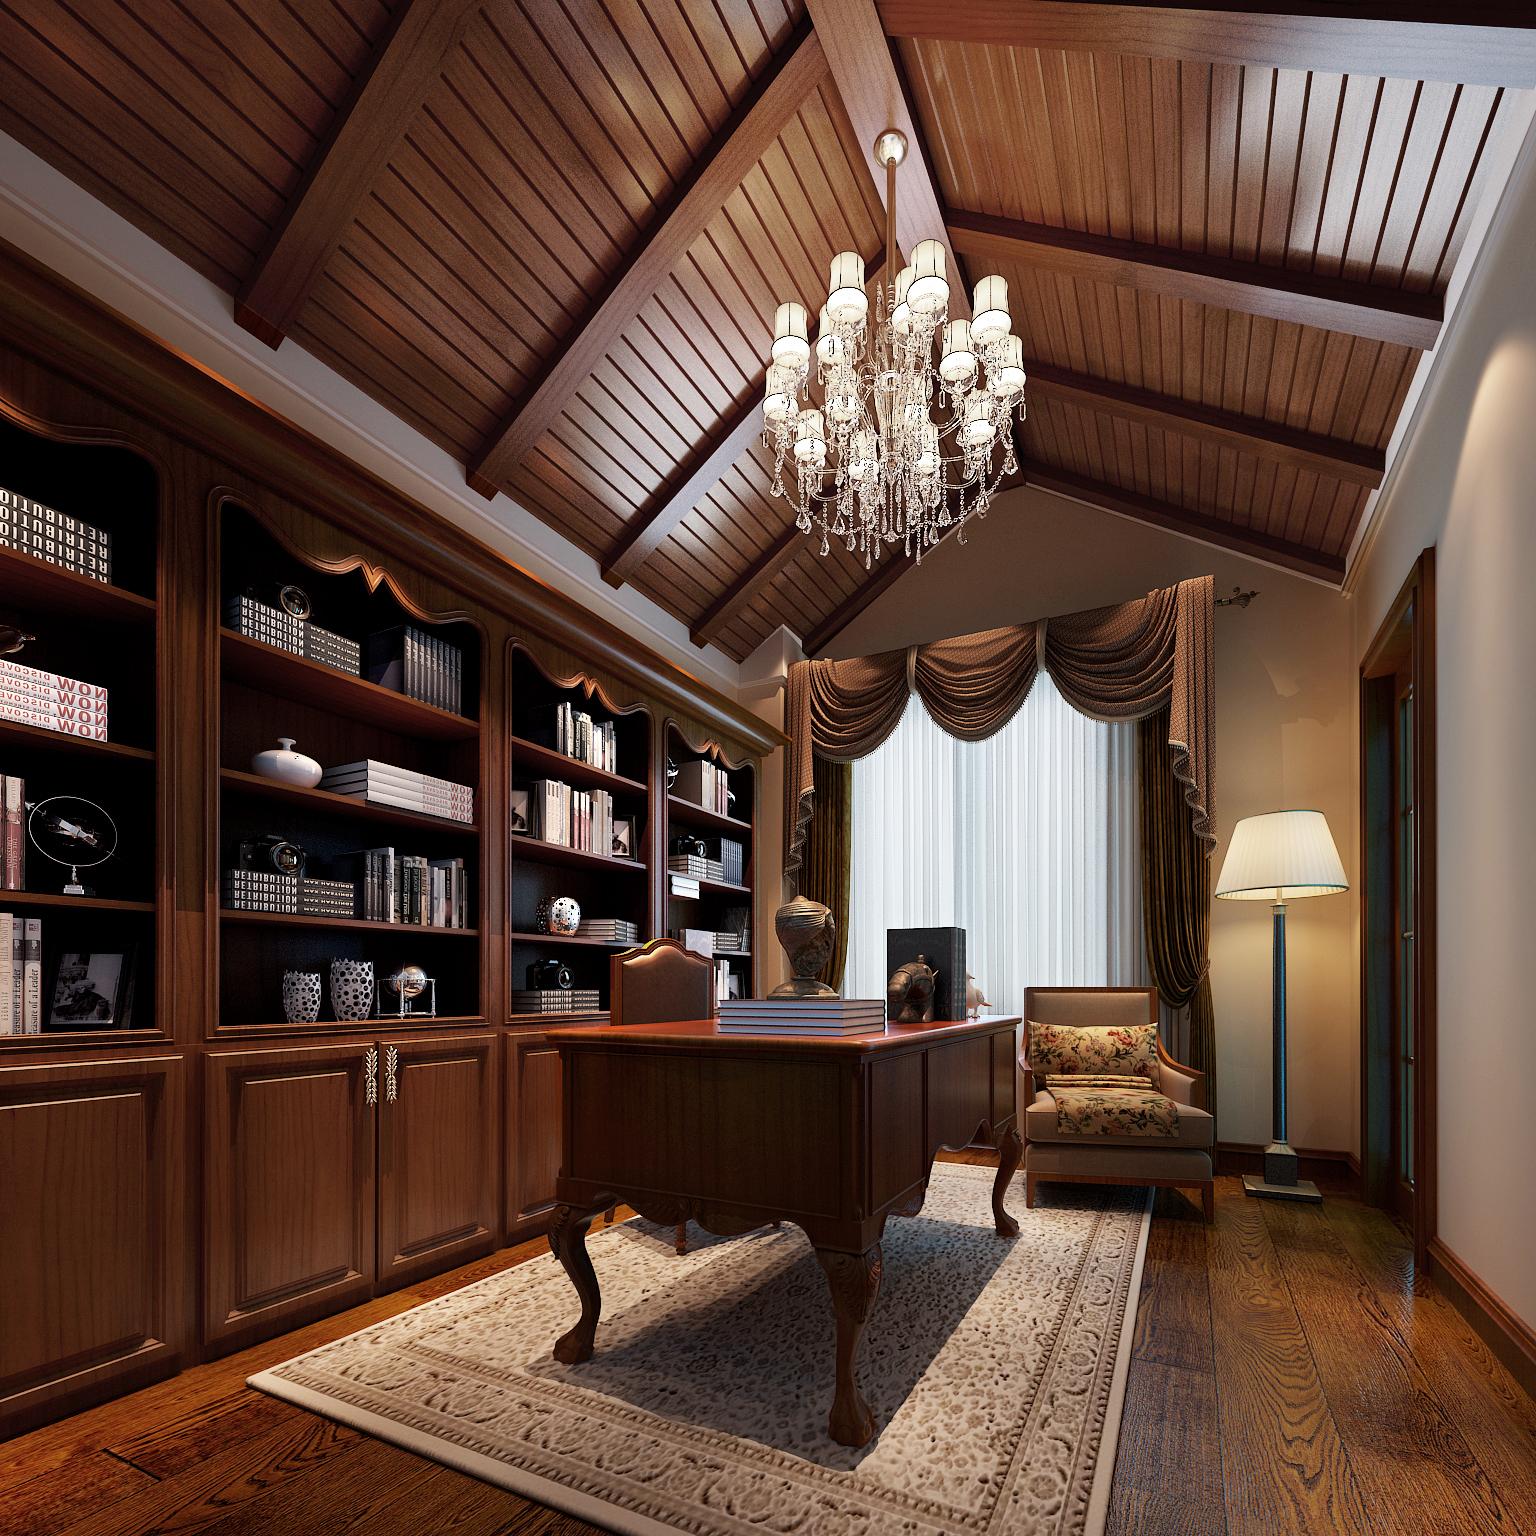 美式风格 装修效果图 别墅装修 别墅 实创装饰 实创 美式乡村 美式 旧房改造 书房图片来自北京实创装饰在42万装修240平米美式风格的分享